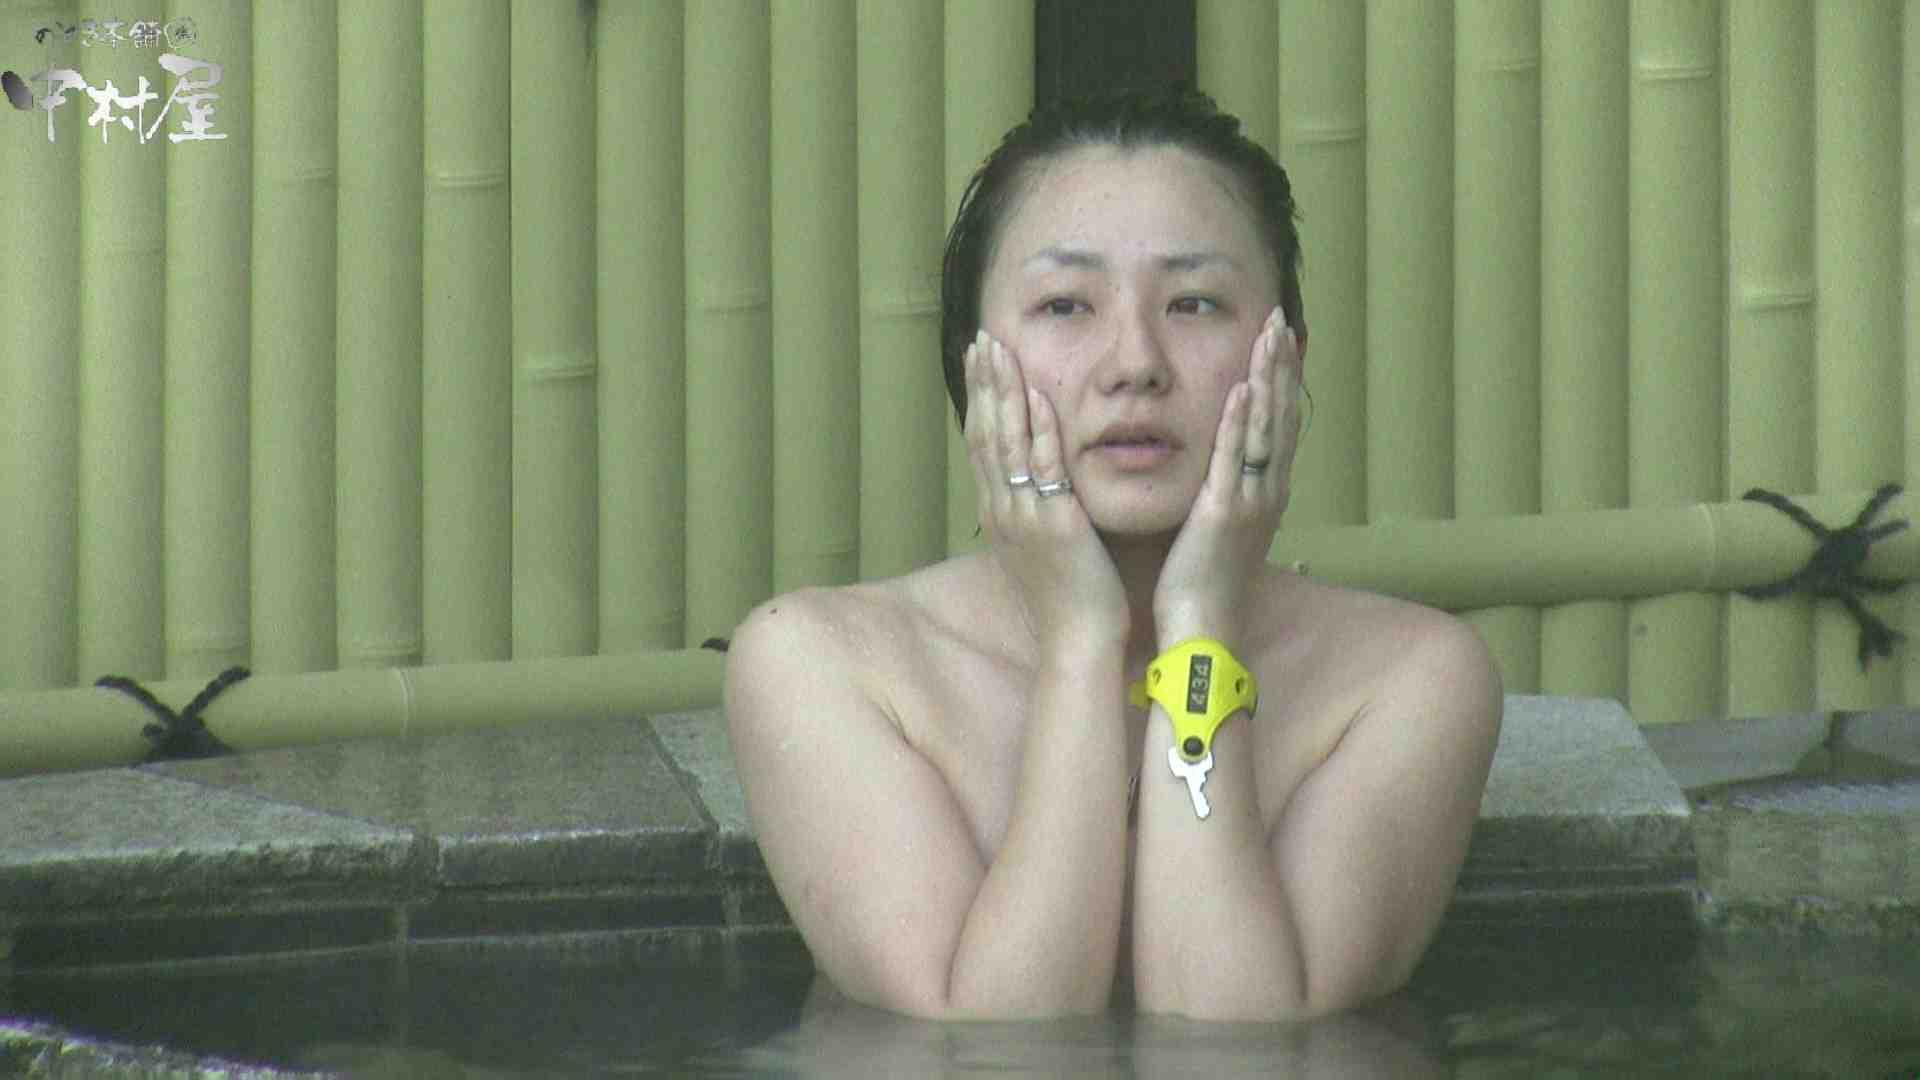 Aquaな露天風呂Vol.969 盗撮  52画像 18